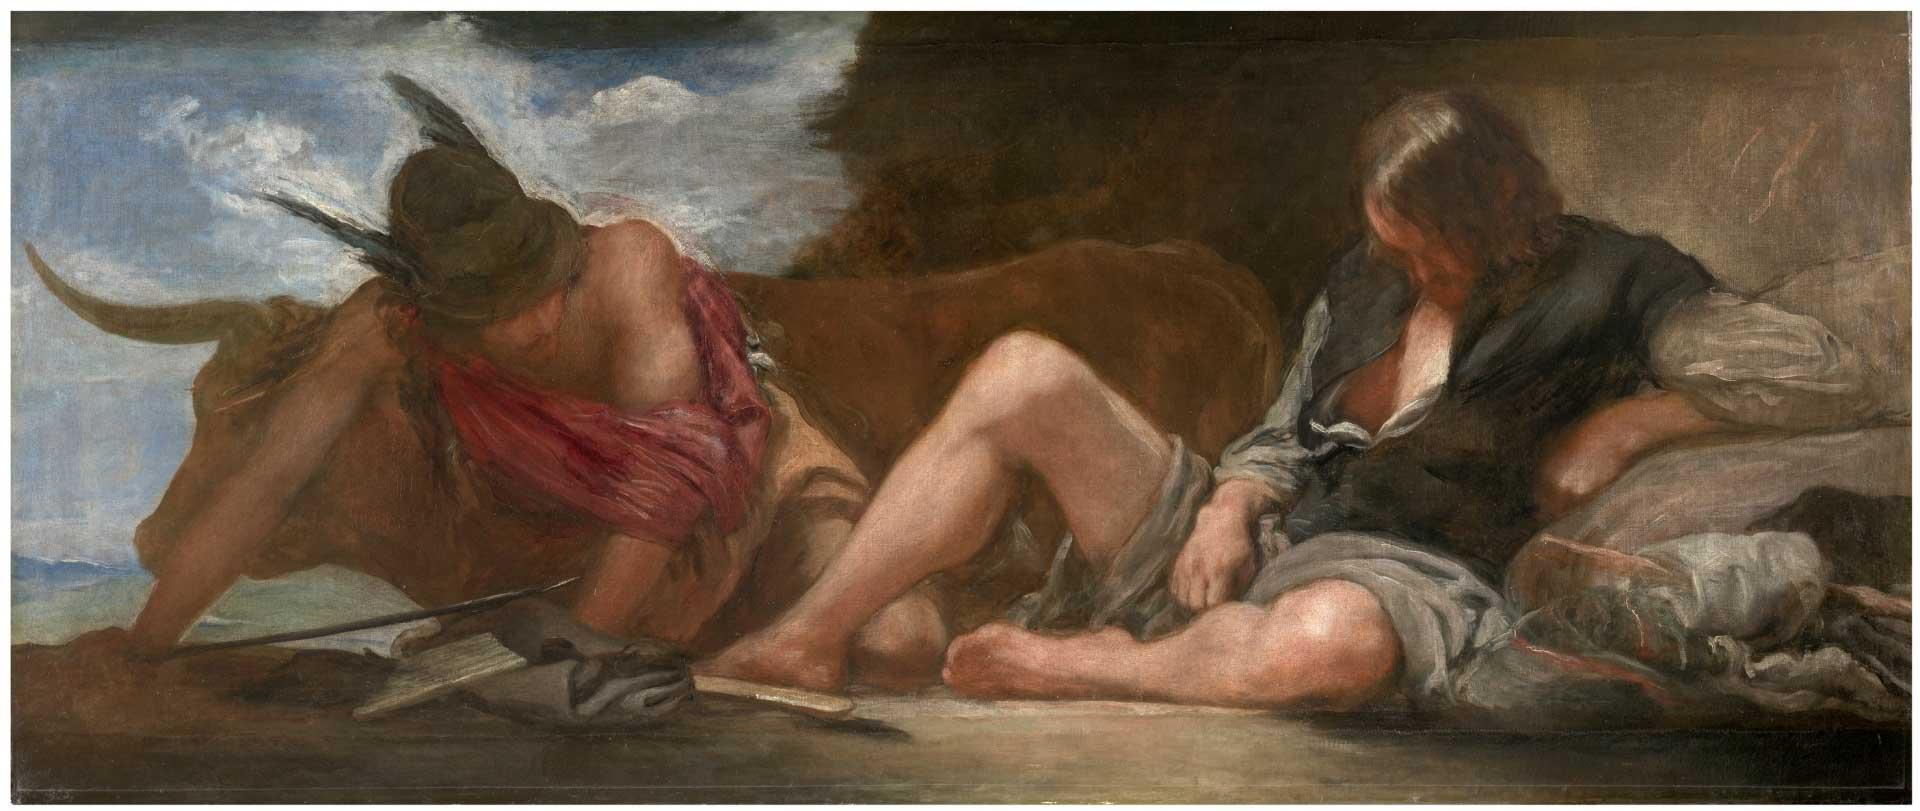 Mercurio y Argos Fundación Amigos del Museo del Prado Estudiar en Universidad Privada Madrid